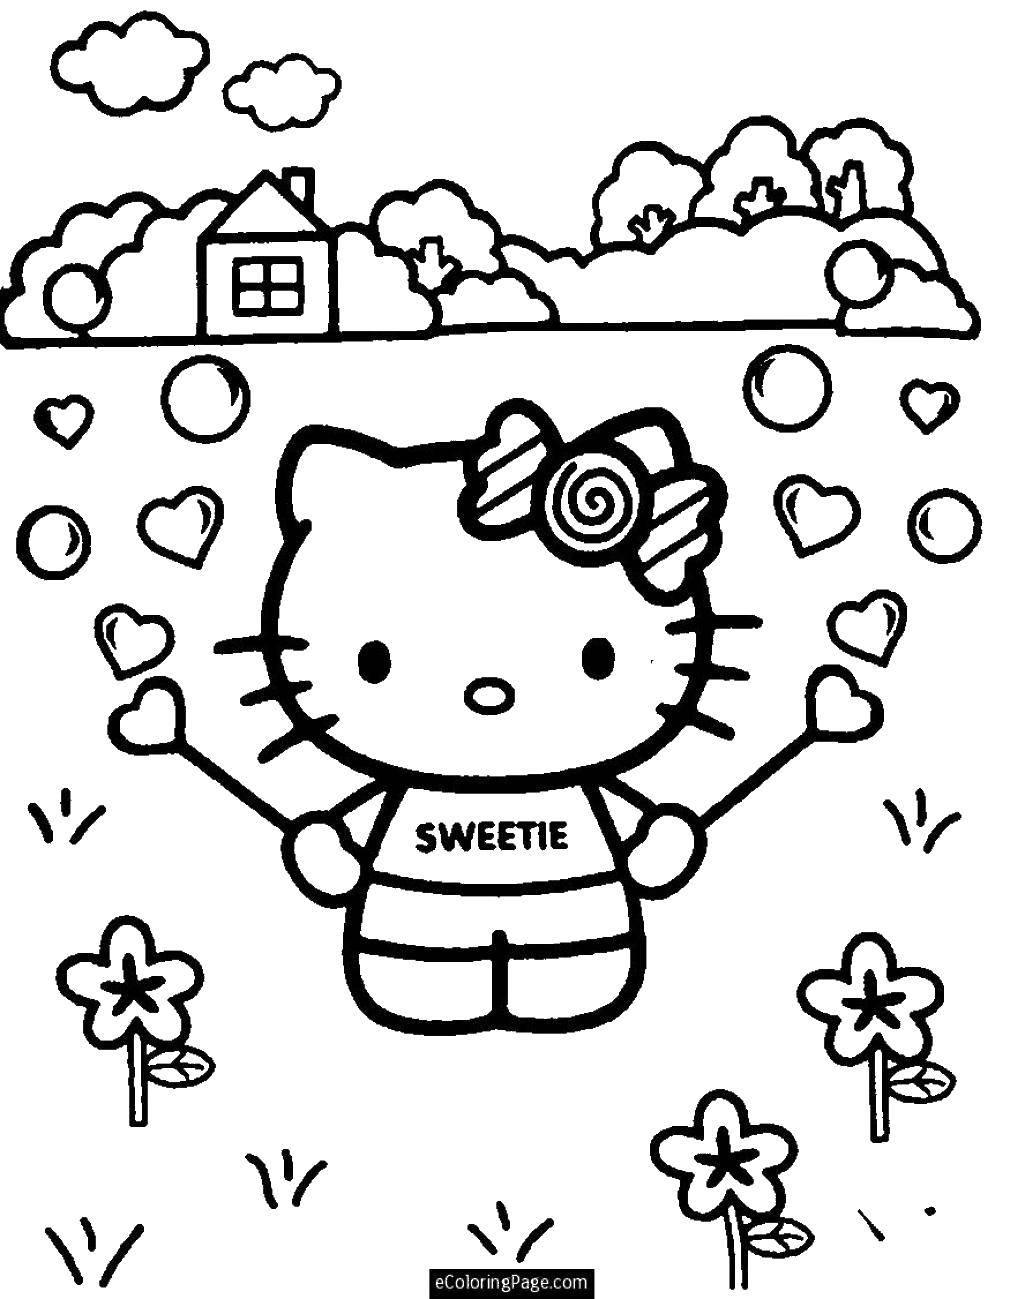 Раскраска Hello kitty и сердечки Скачать ,Hello Kitt, сердечки, пузыри, дом, деревья,.  Распечатать